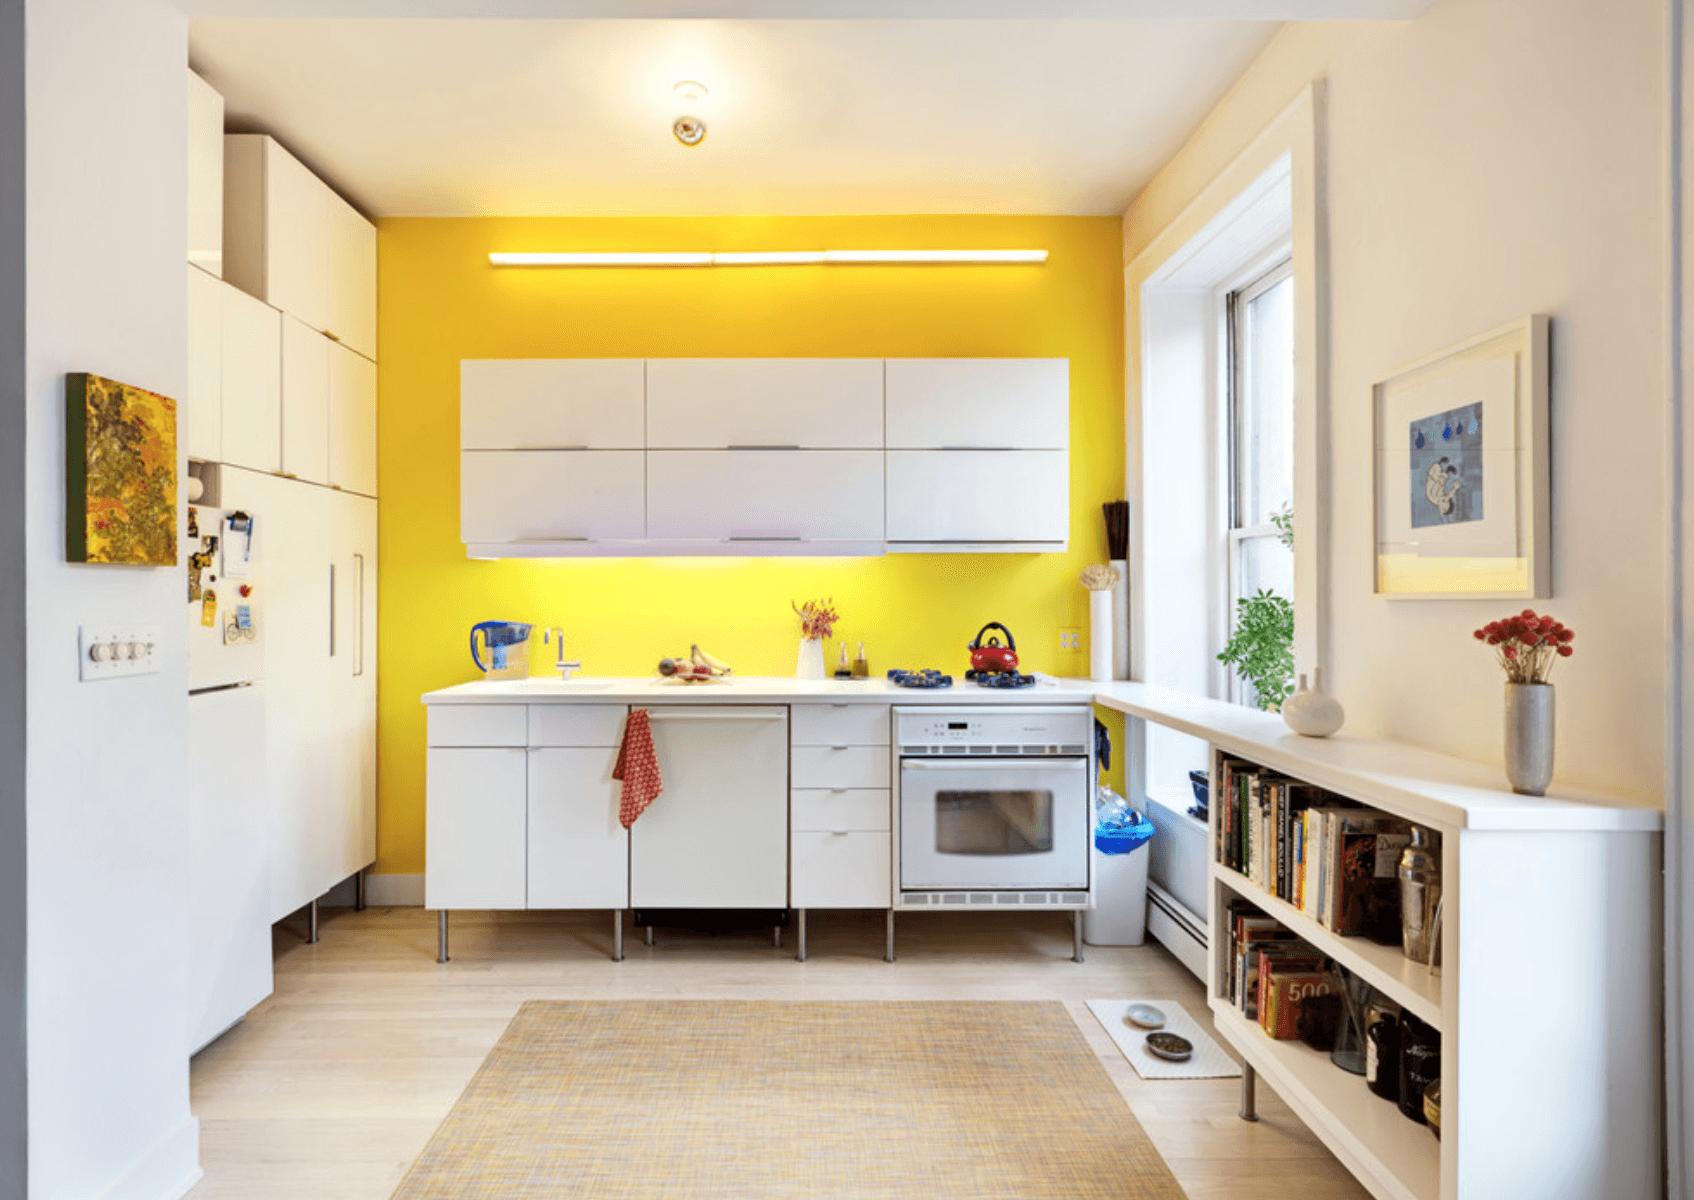 Perete galben in bucatarie cu mobilier alb